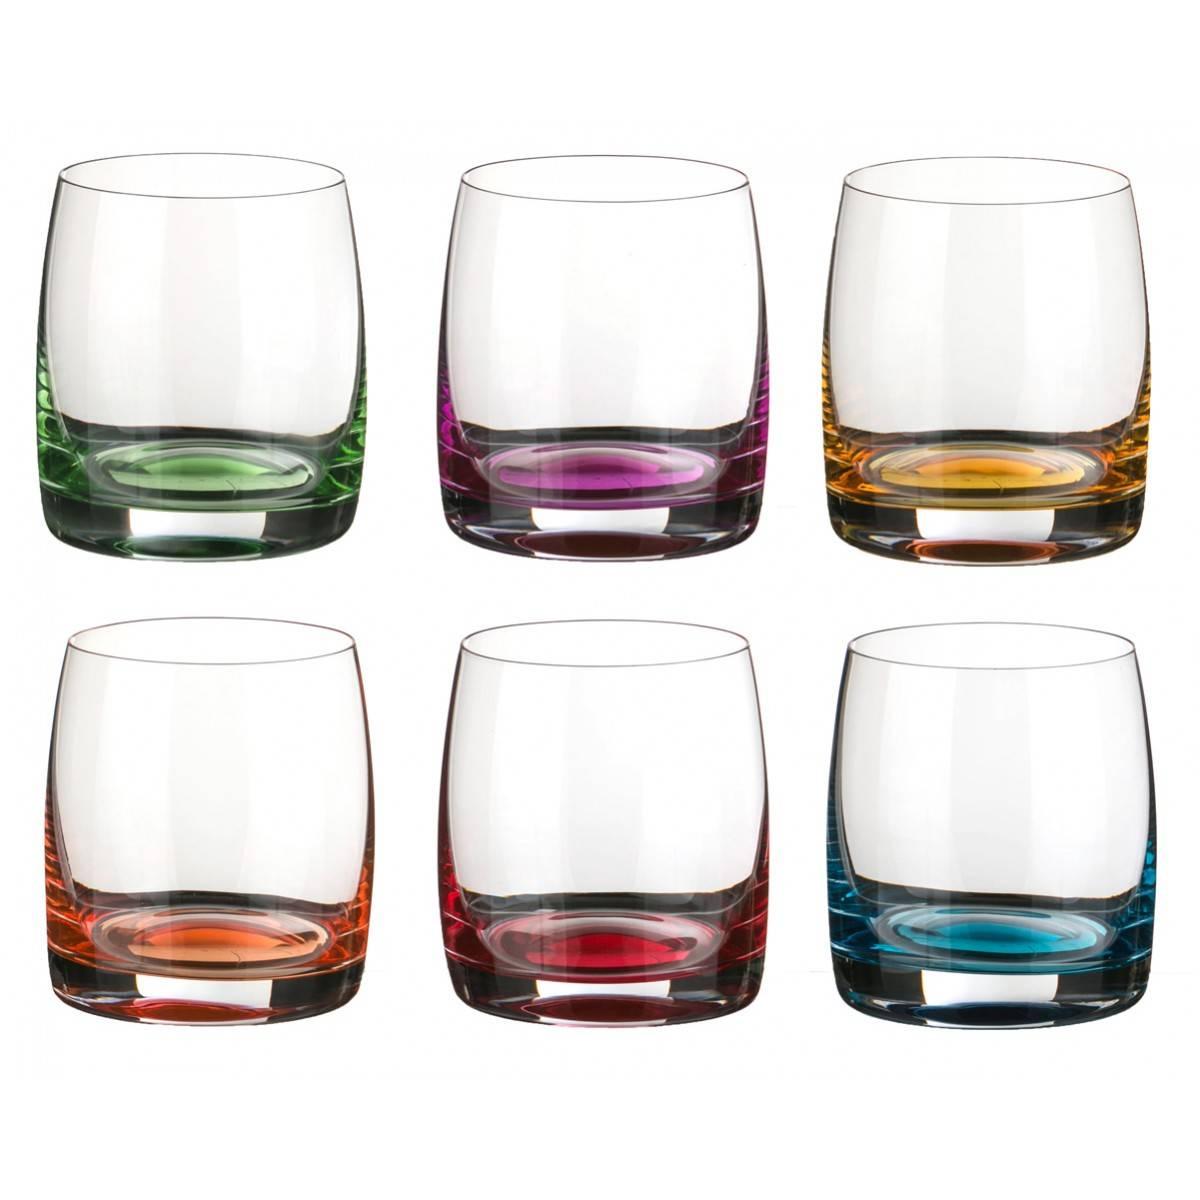 Разновидности хрустальных стаканов и бокалов